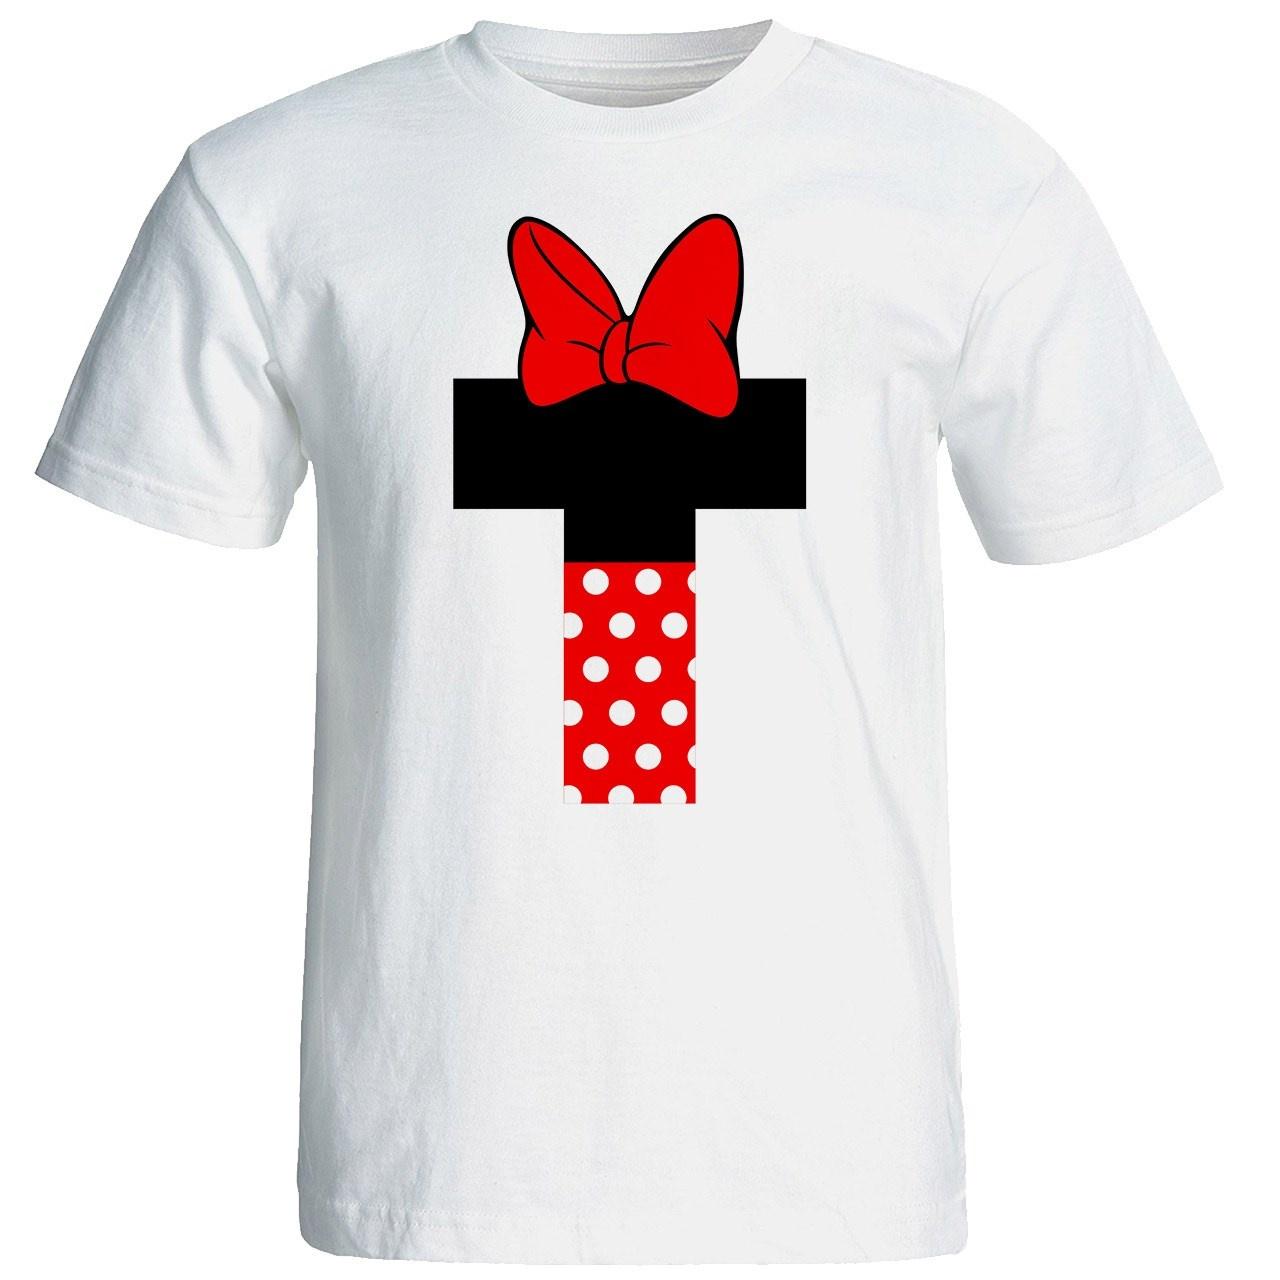 تی شرت آستین کوتاه زنانه شین دیزاین طرح میکی موس T کد 4534